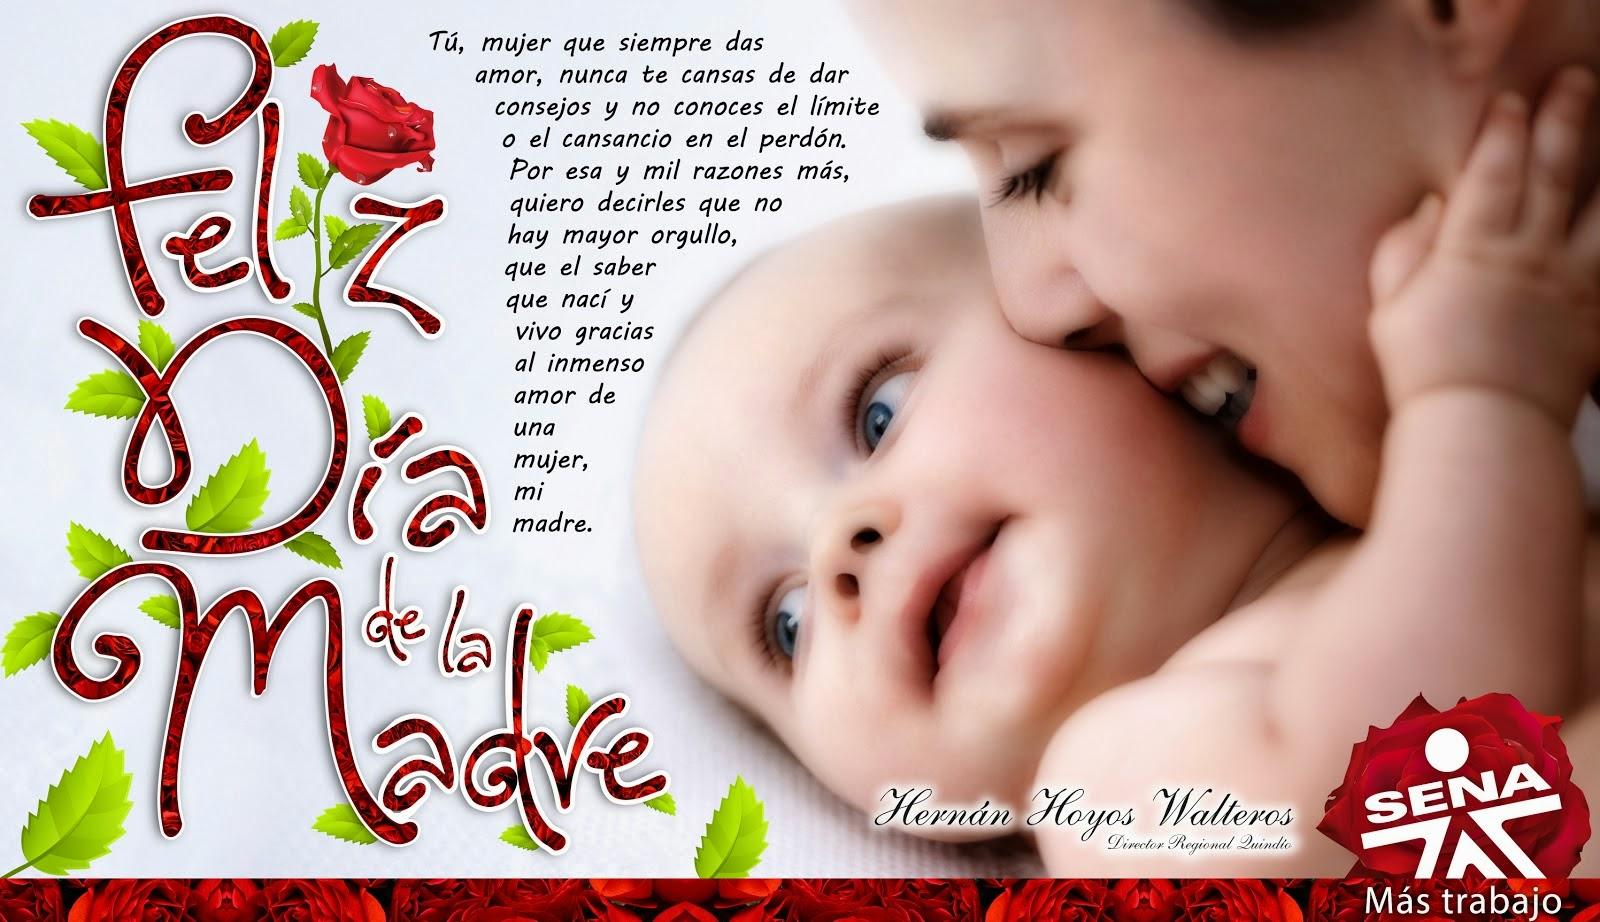 Imagenes del dia internacional de las madres y la mamá